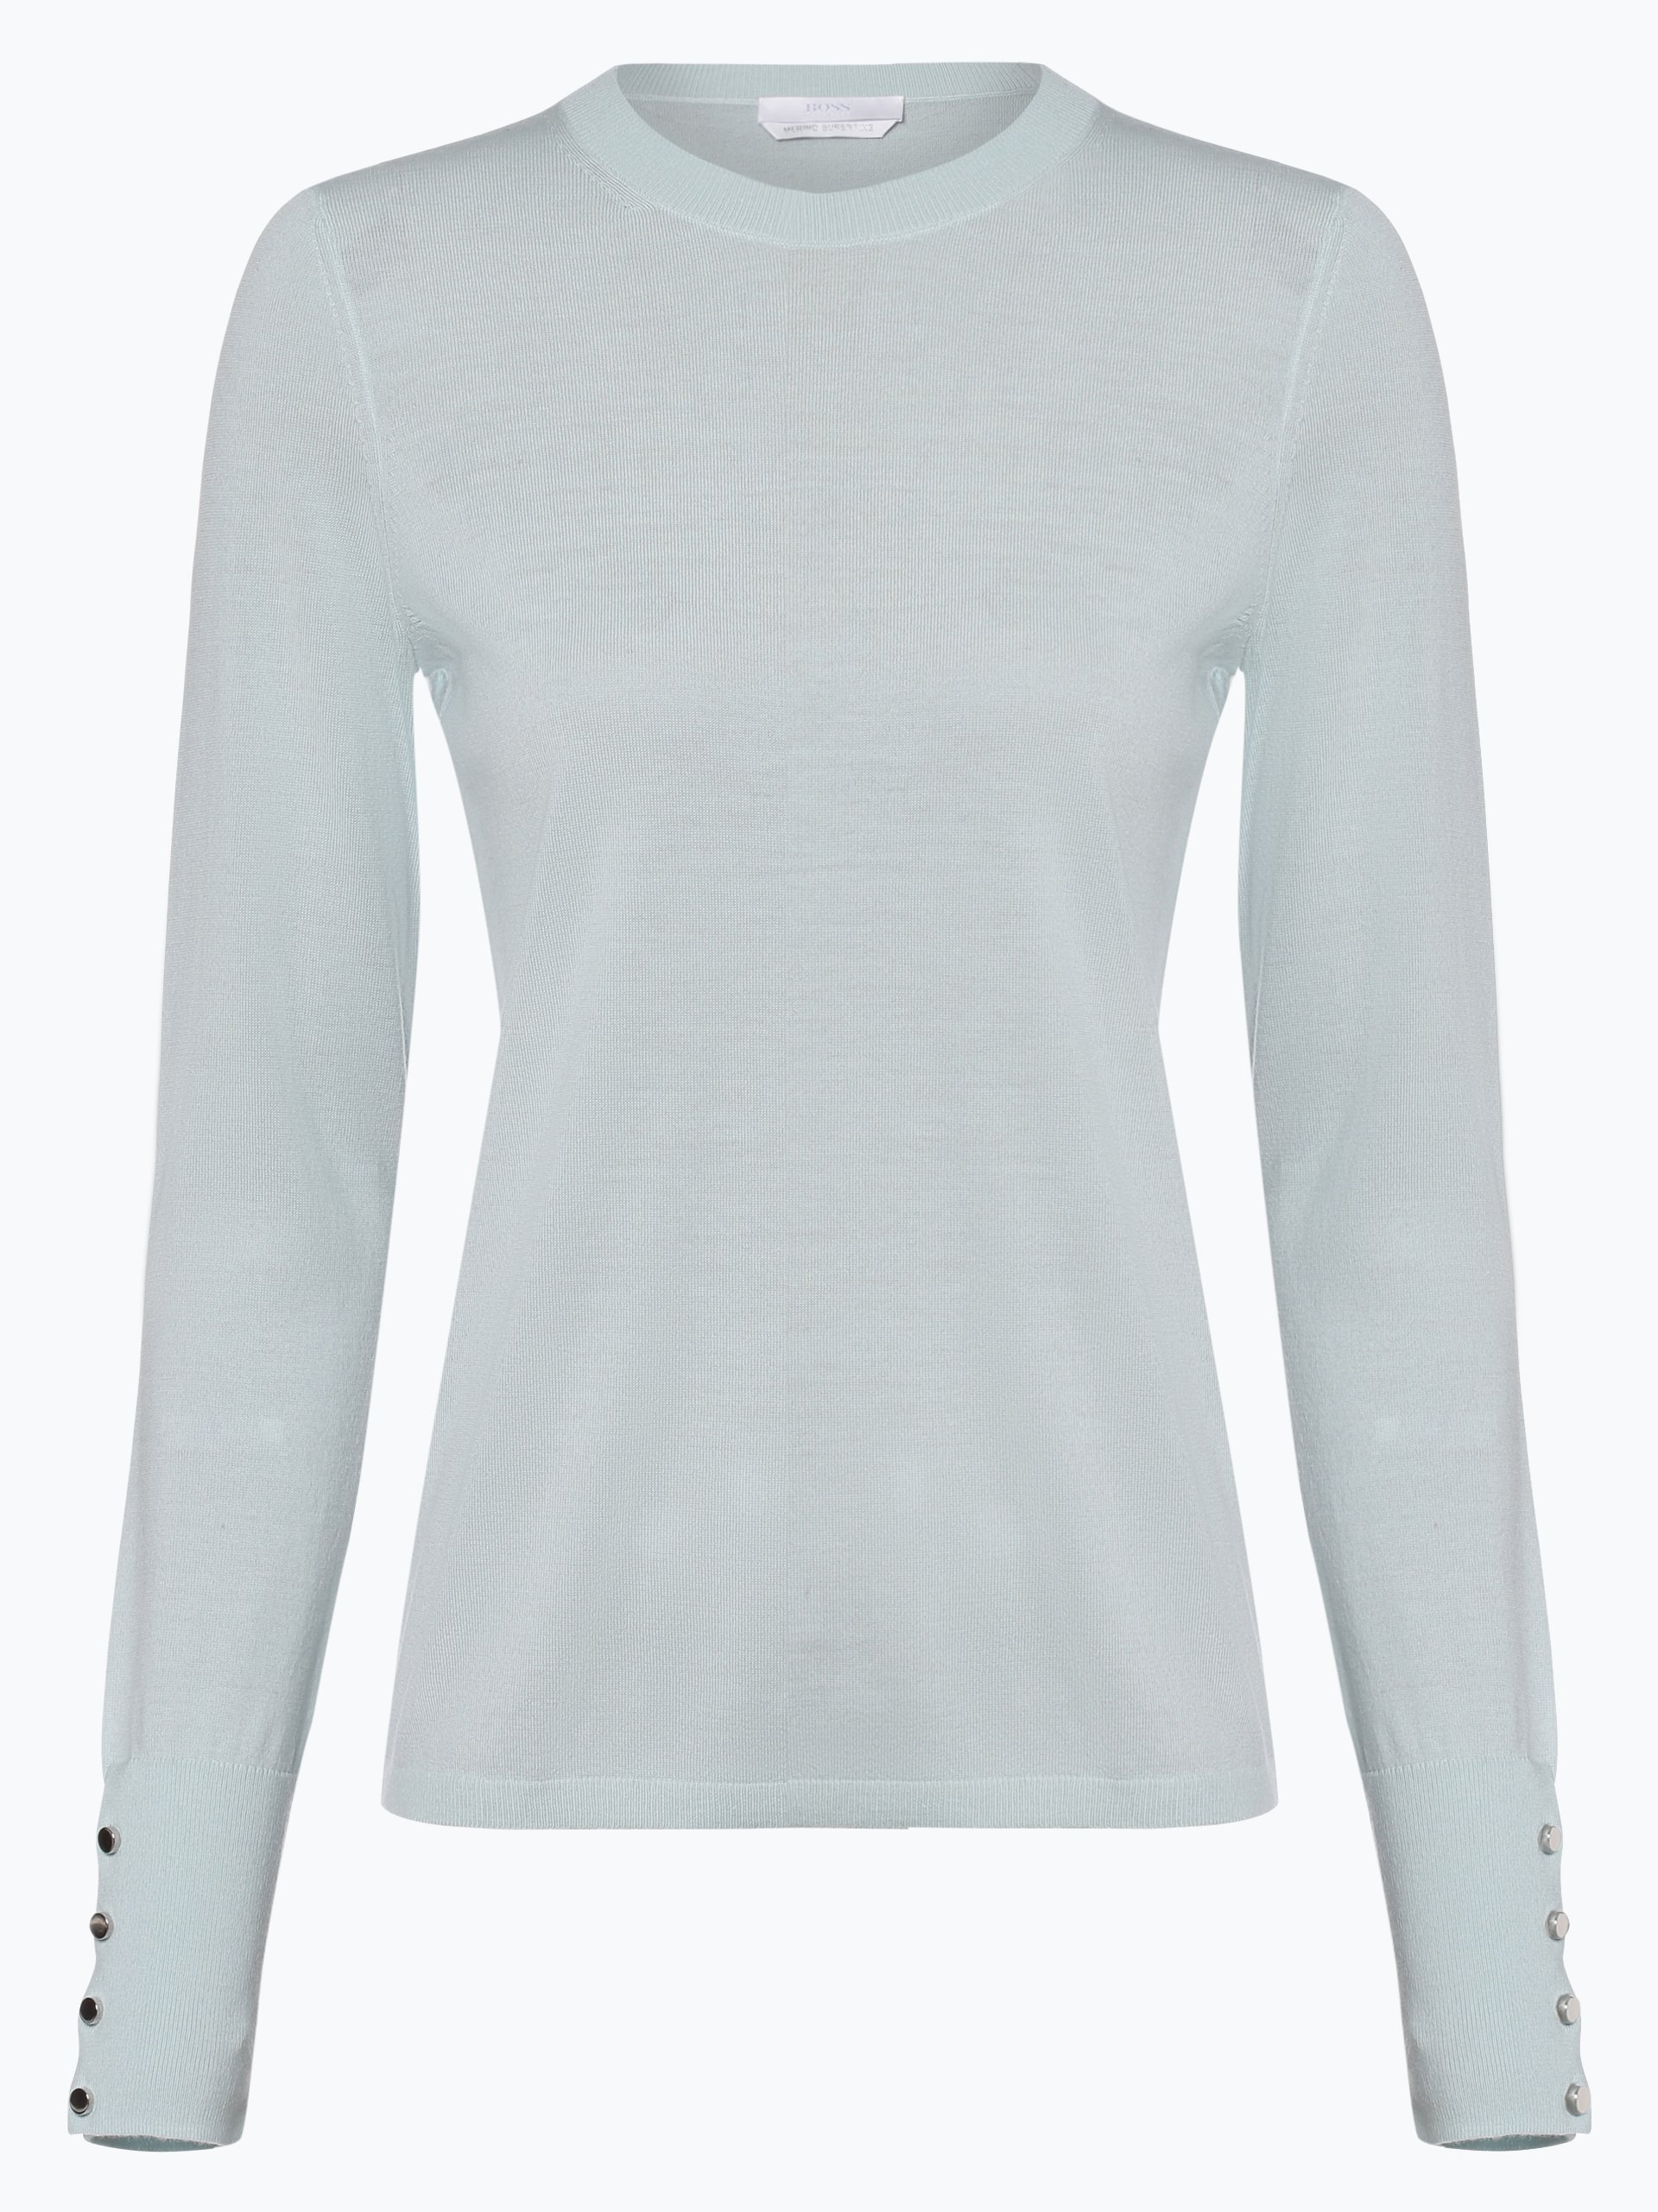 BOSS Damen Pullover - Frankie